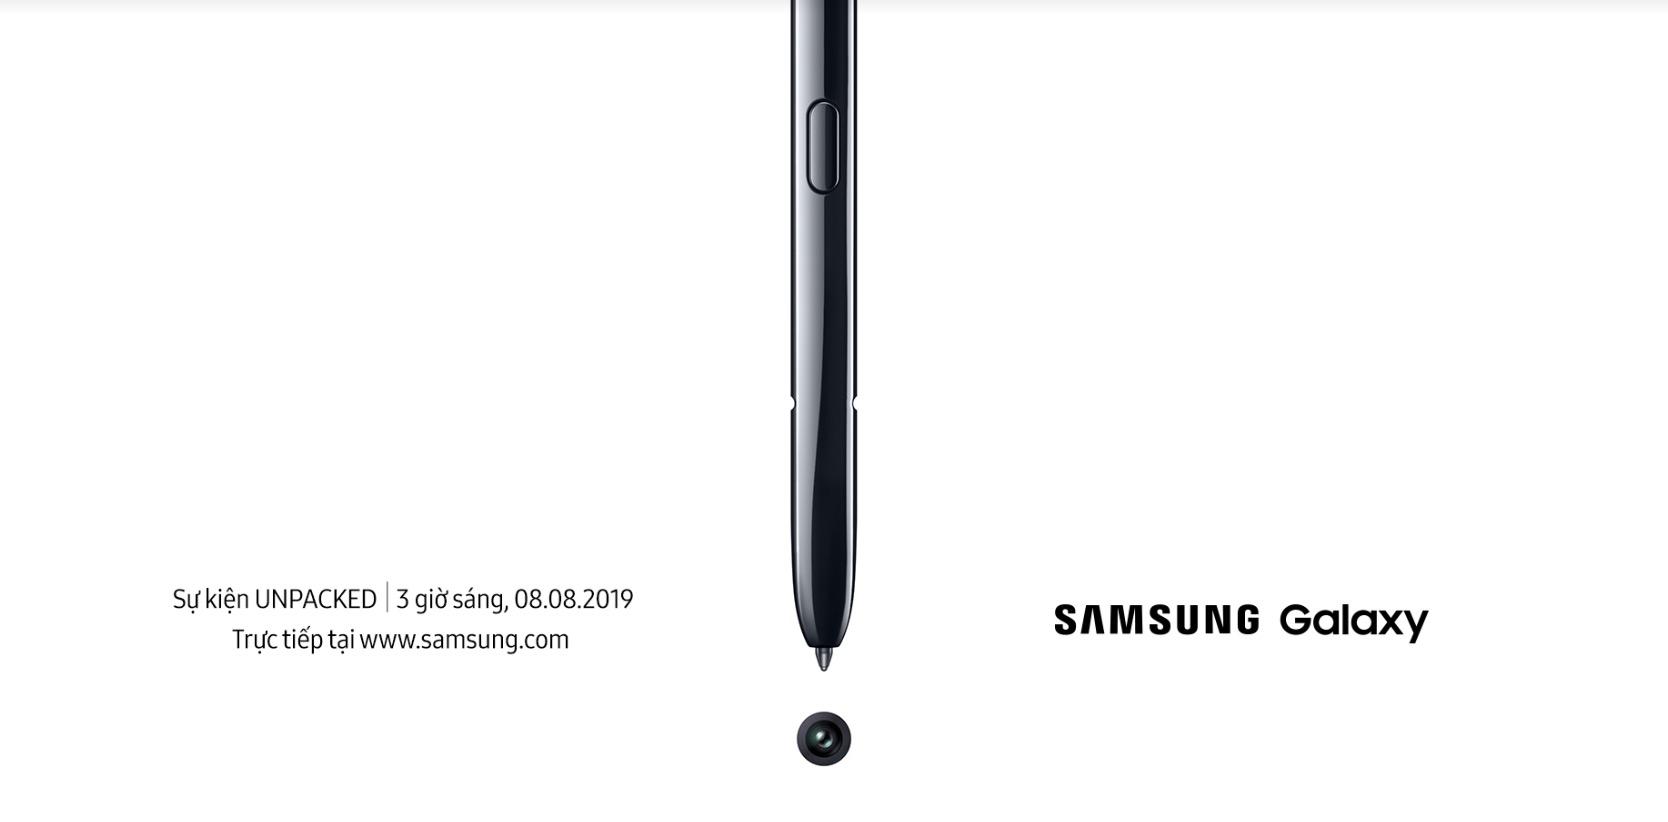 Samsung Mobile Việt Nam gửi thư mời tham gia sự kiện ra mắt Galaxy Note 10